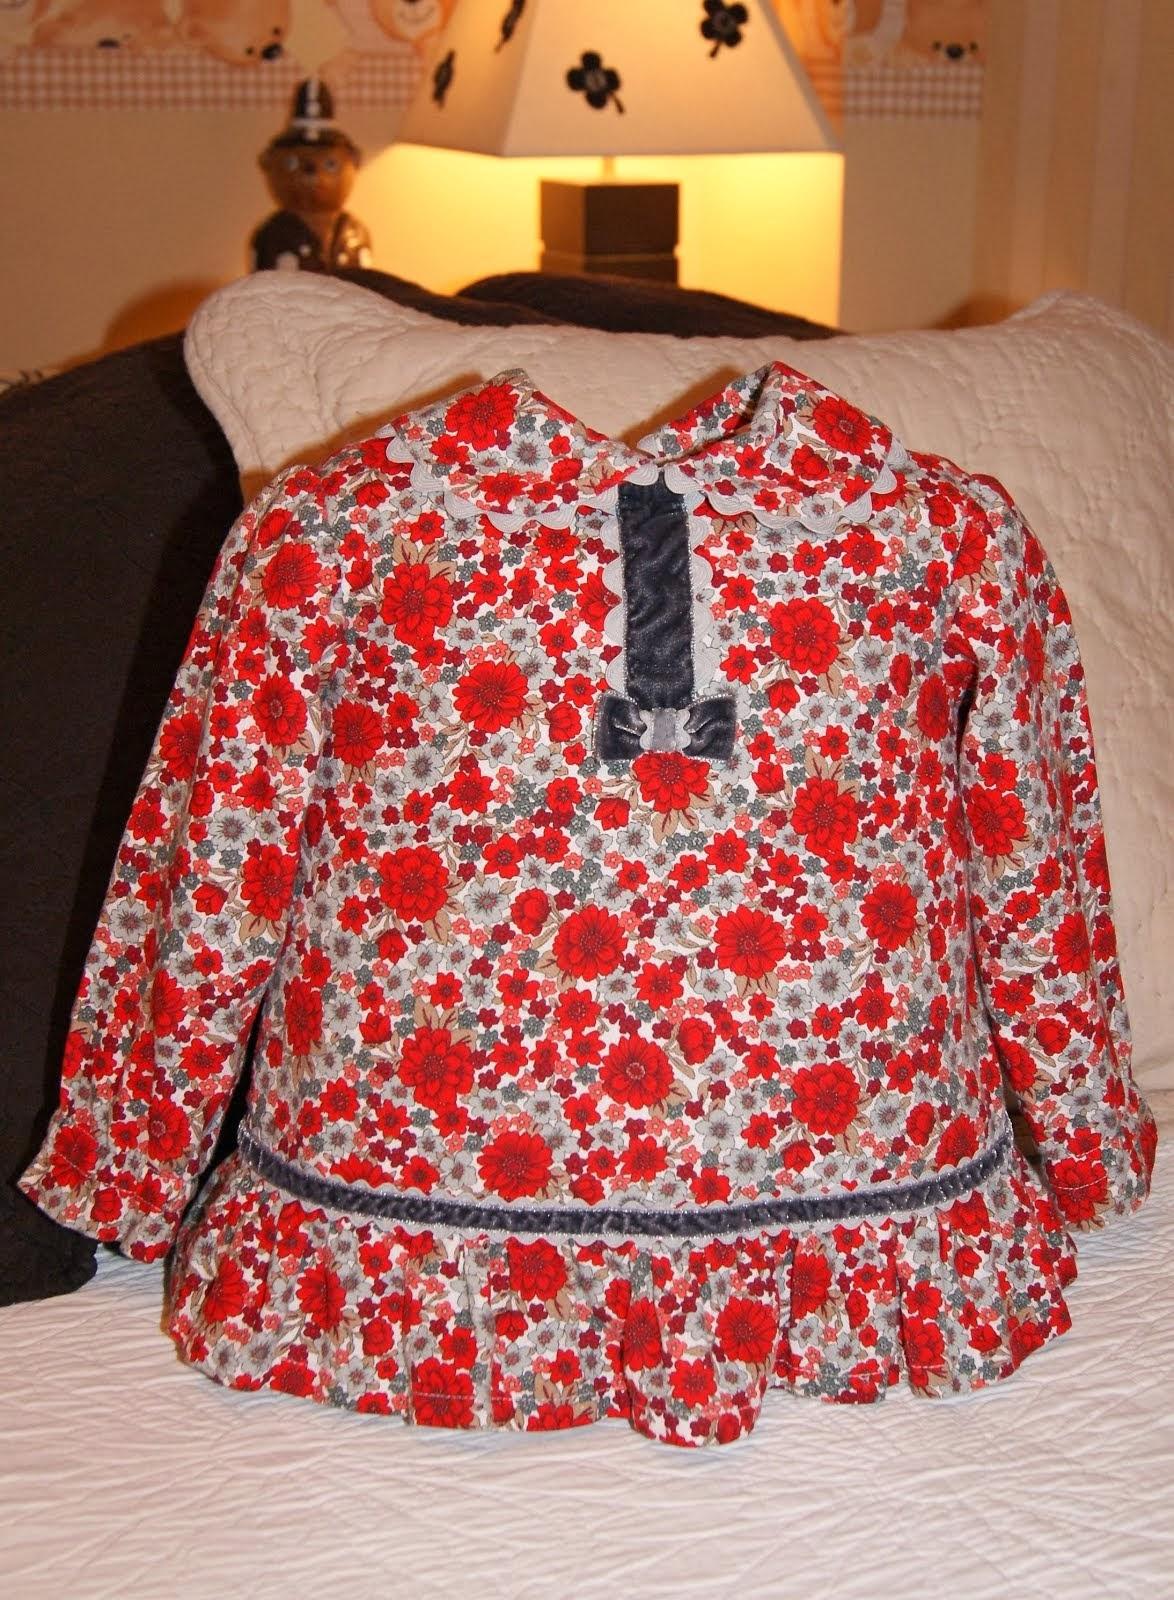 Camisola flores rojas y grises